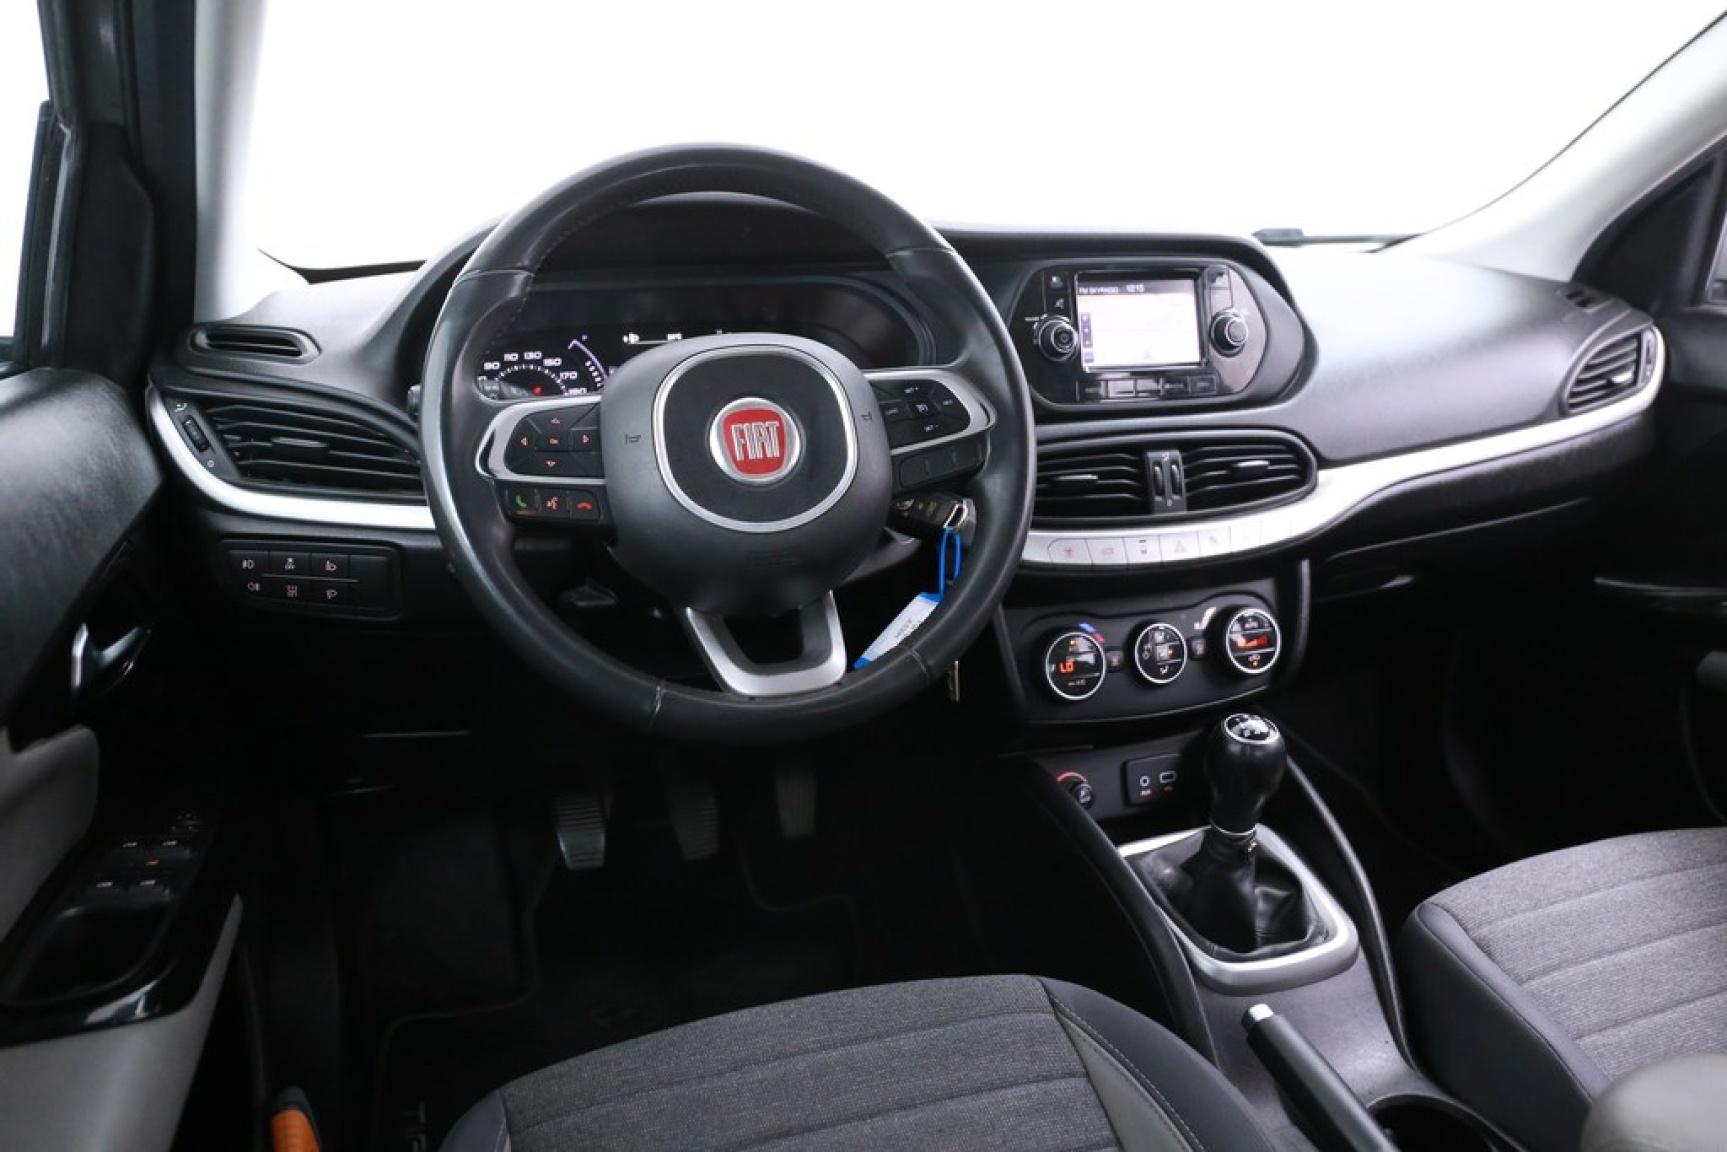 Fiat-Tipo-6